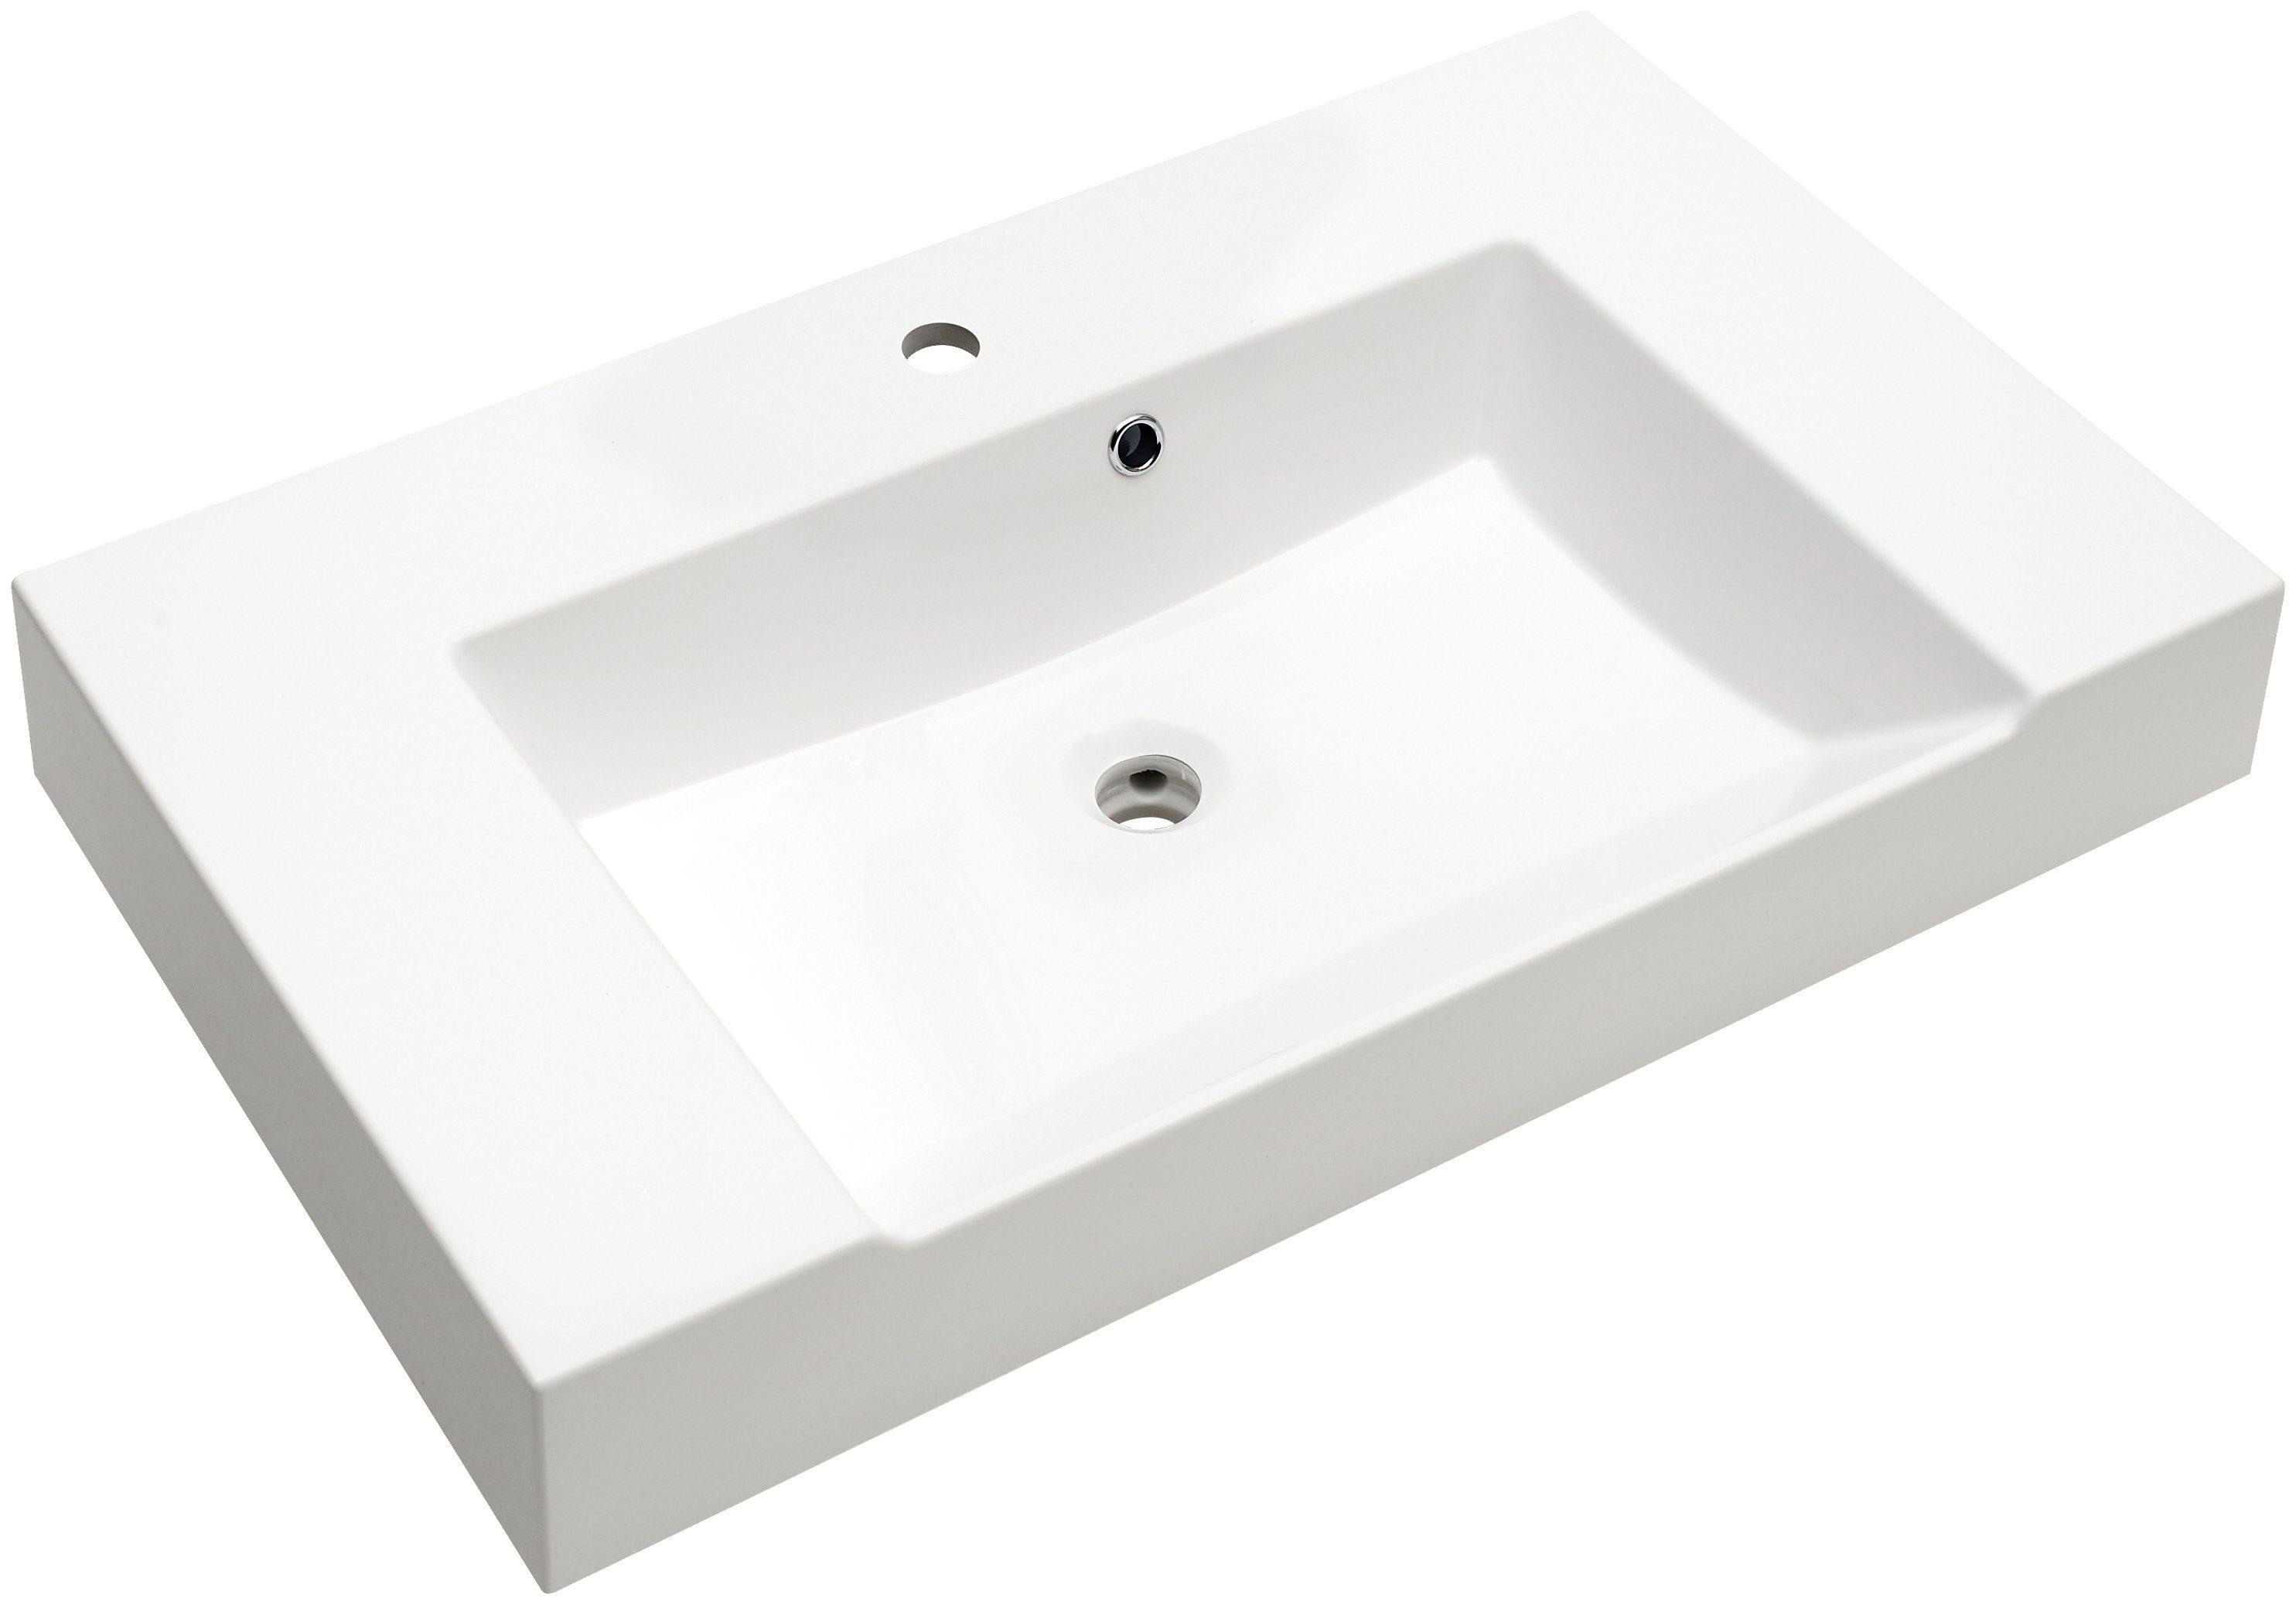 Waschbecken »Solitaire 7020«, Breite 86 cm